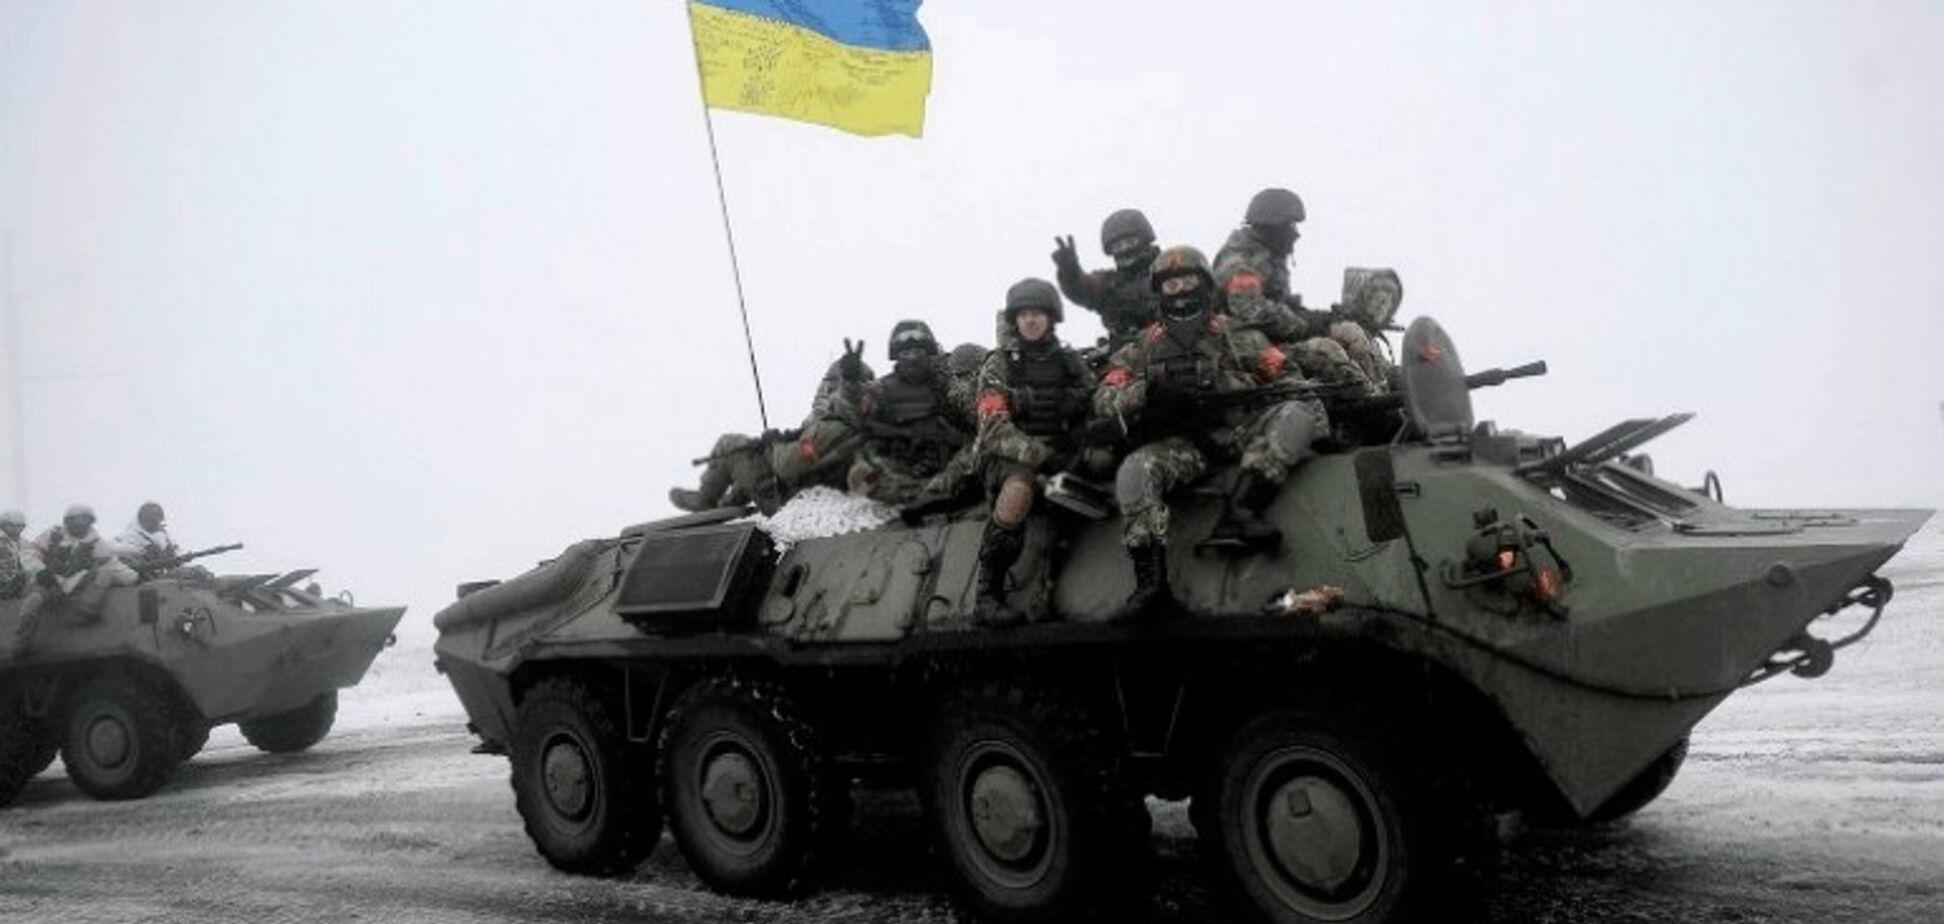 Війна за незалежність: штаб ООС повідомив чудові новини з Донбасу